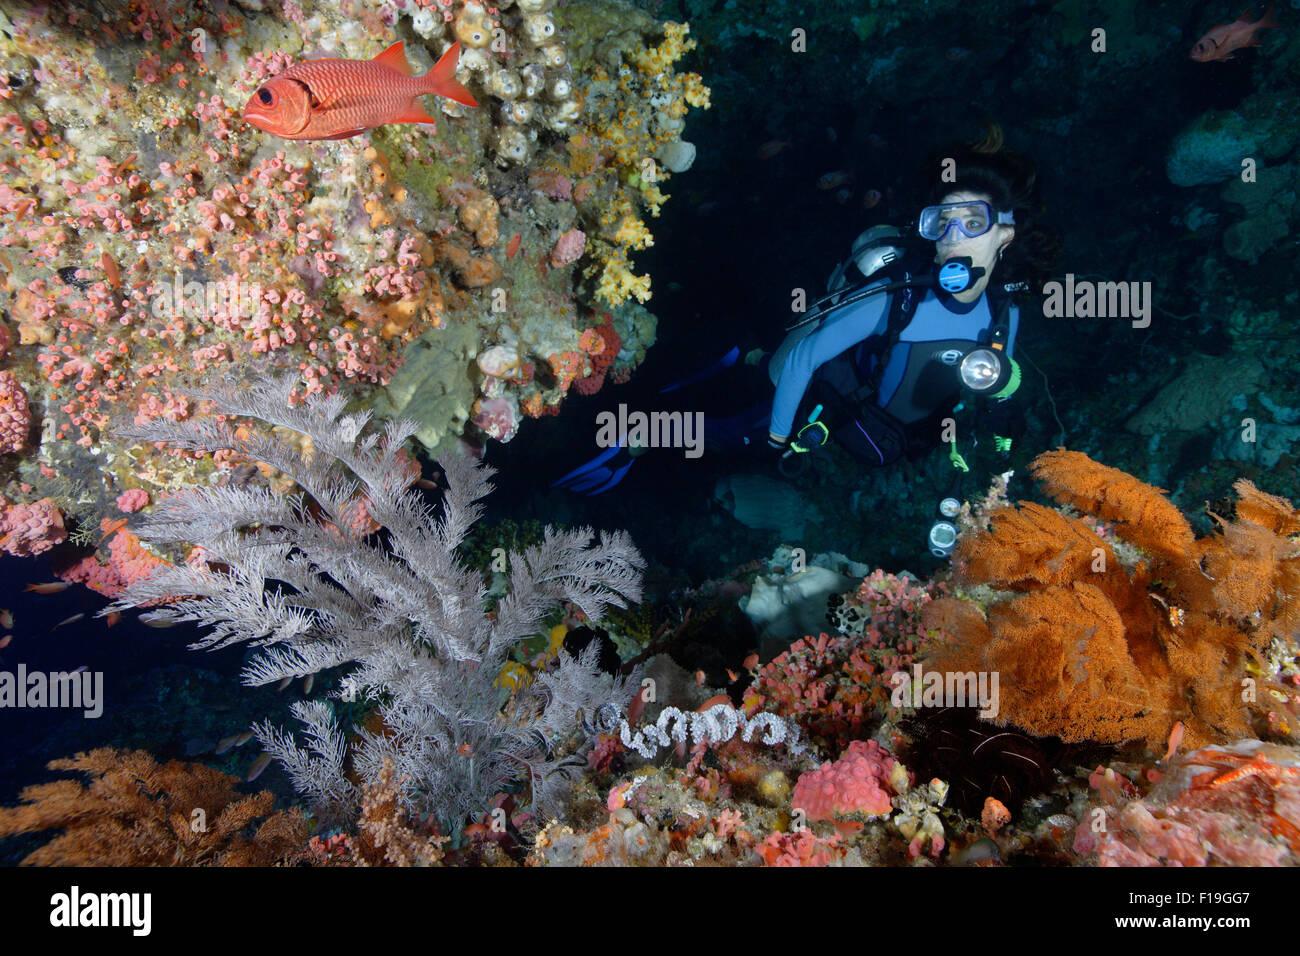 Px0452-D. scuba diver (modèle) parution explore cave ornée de corail noir. L'Indonésie, de l'océan Photo Stock